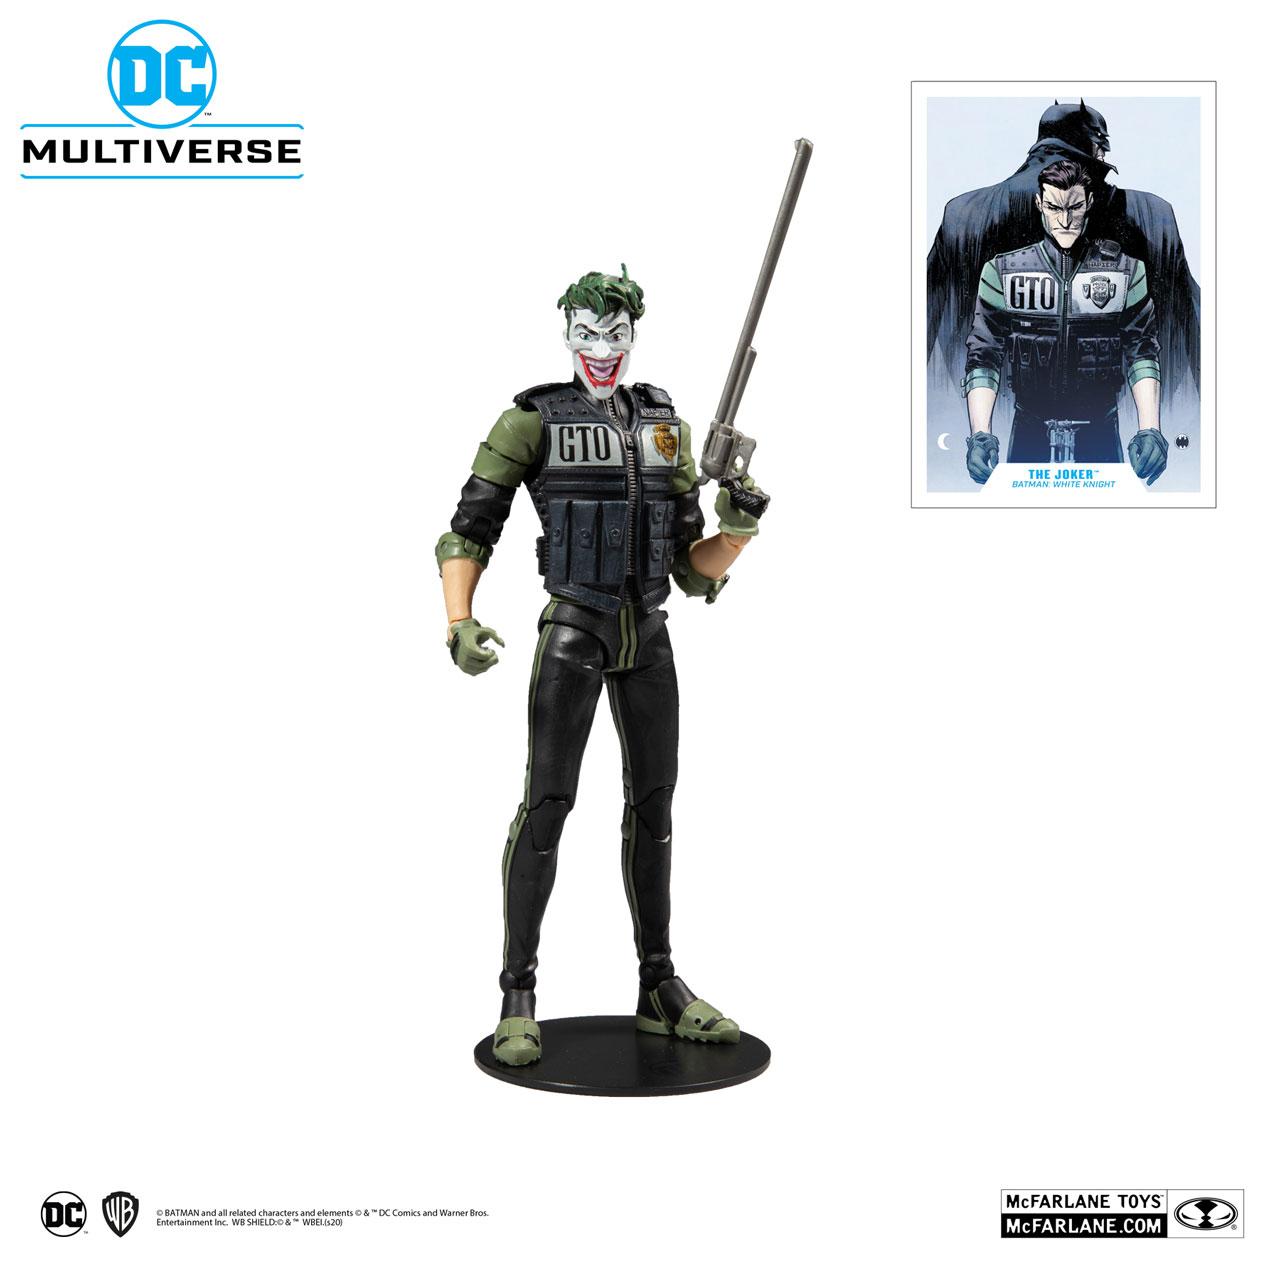 White-Knight-Joker-figure.jpg